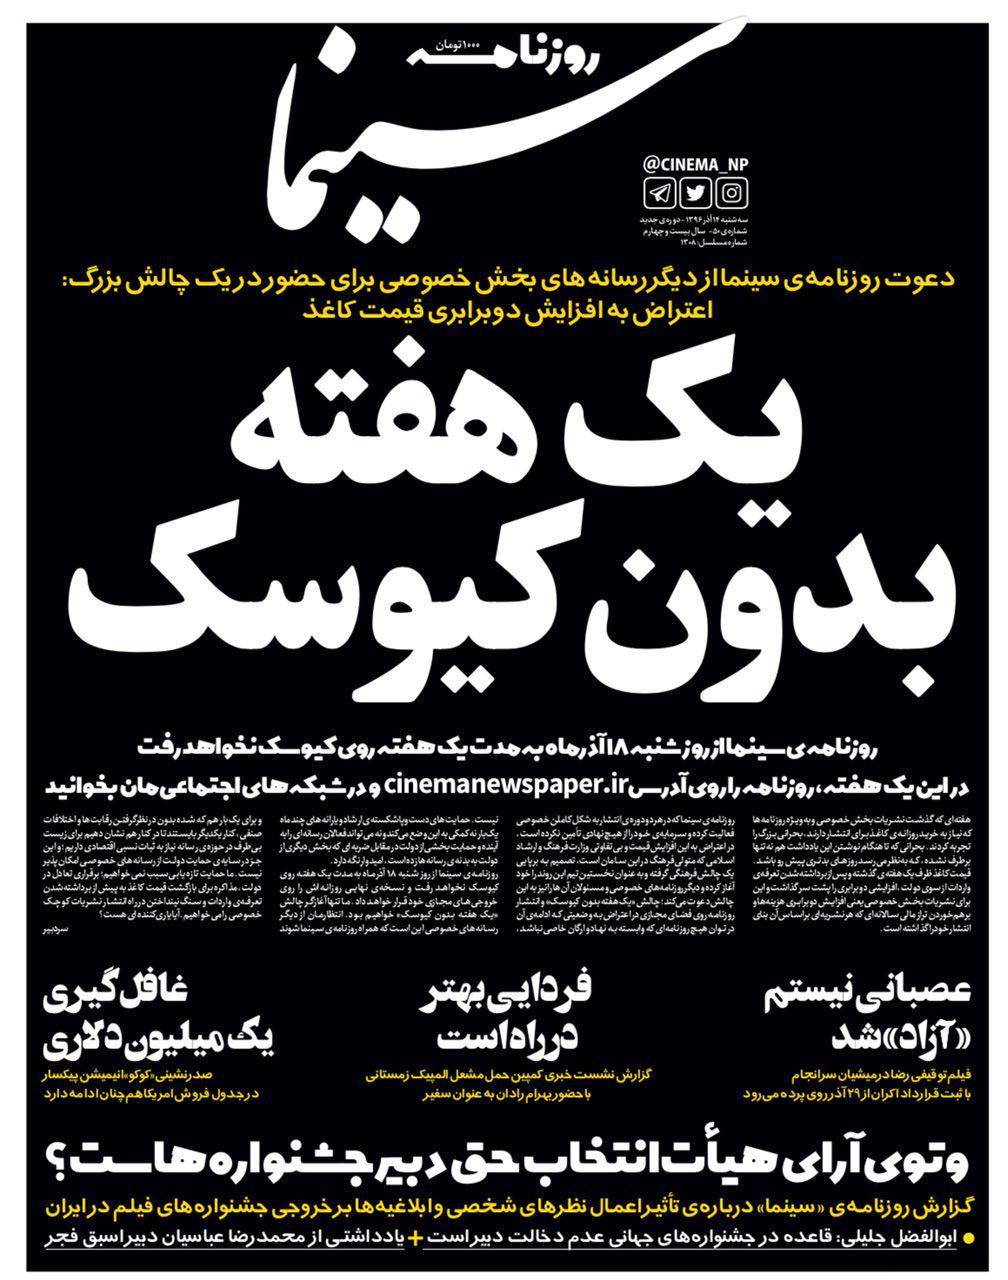 تعطیلی یک روزنامه در اعتراض به افزایش شدید قیمت کاغذ